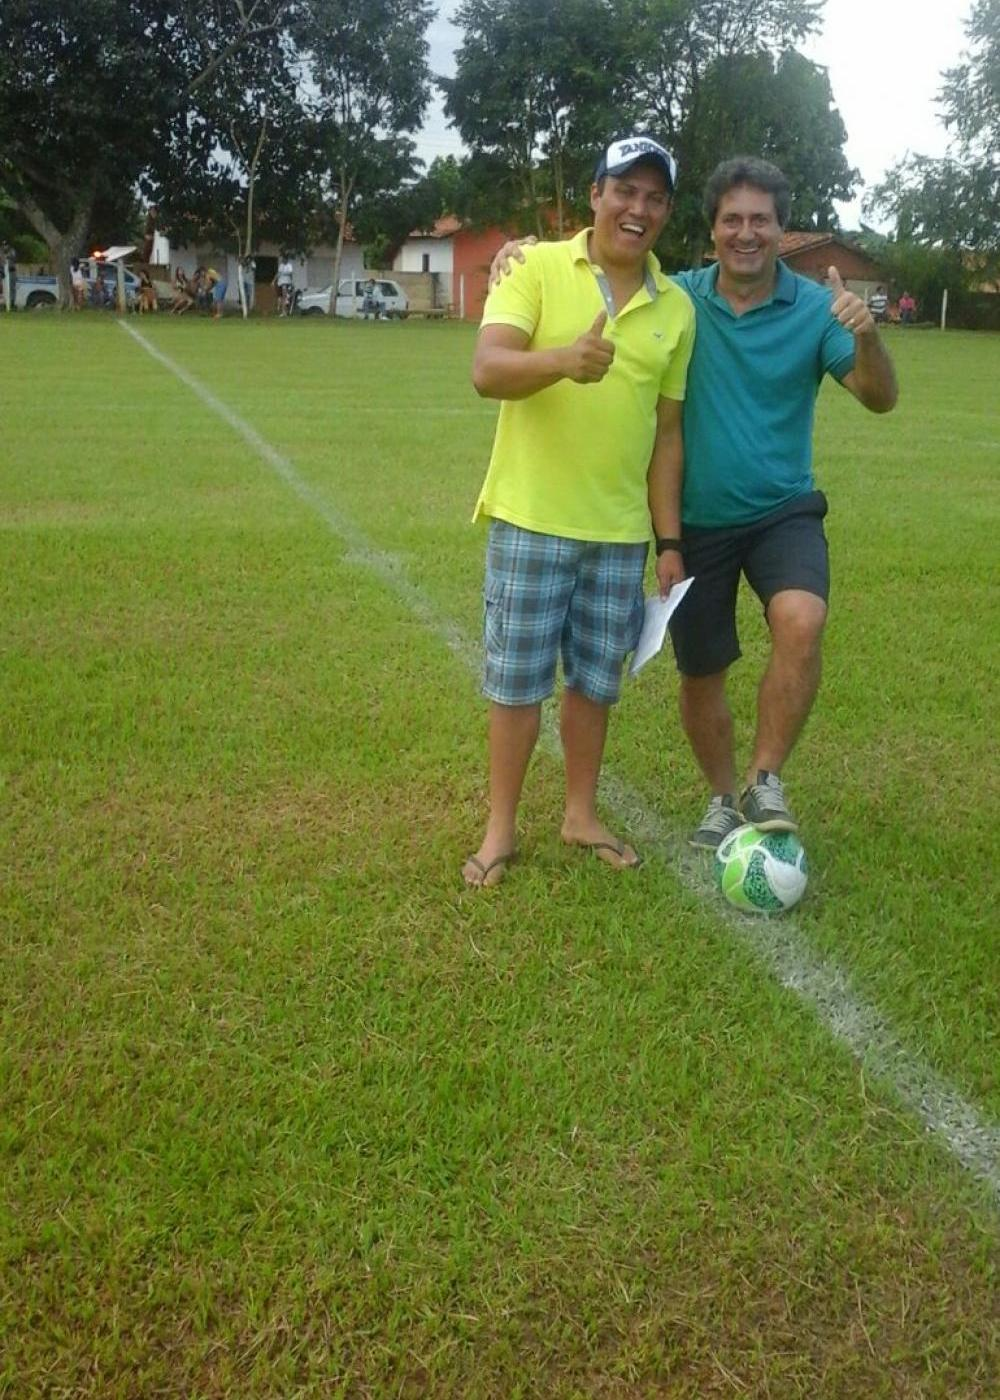 Vereador Paulo Rezende inicia a realização do Torneio de Futebol no Distrito de Diolândia